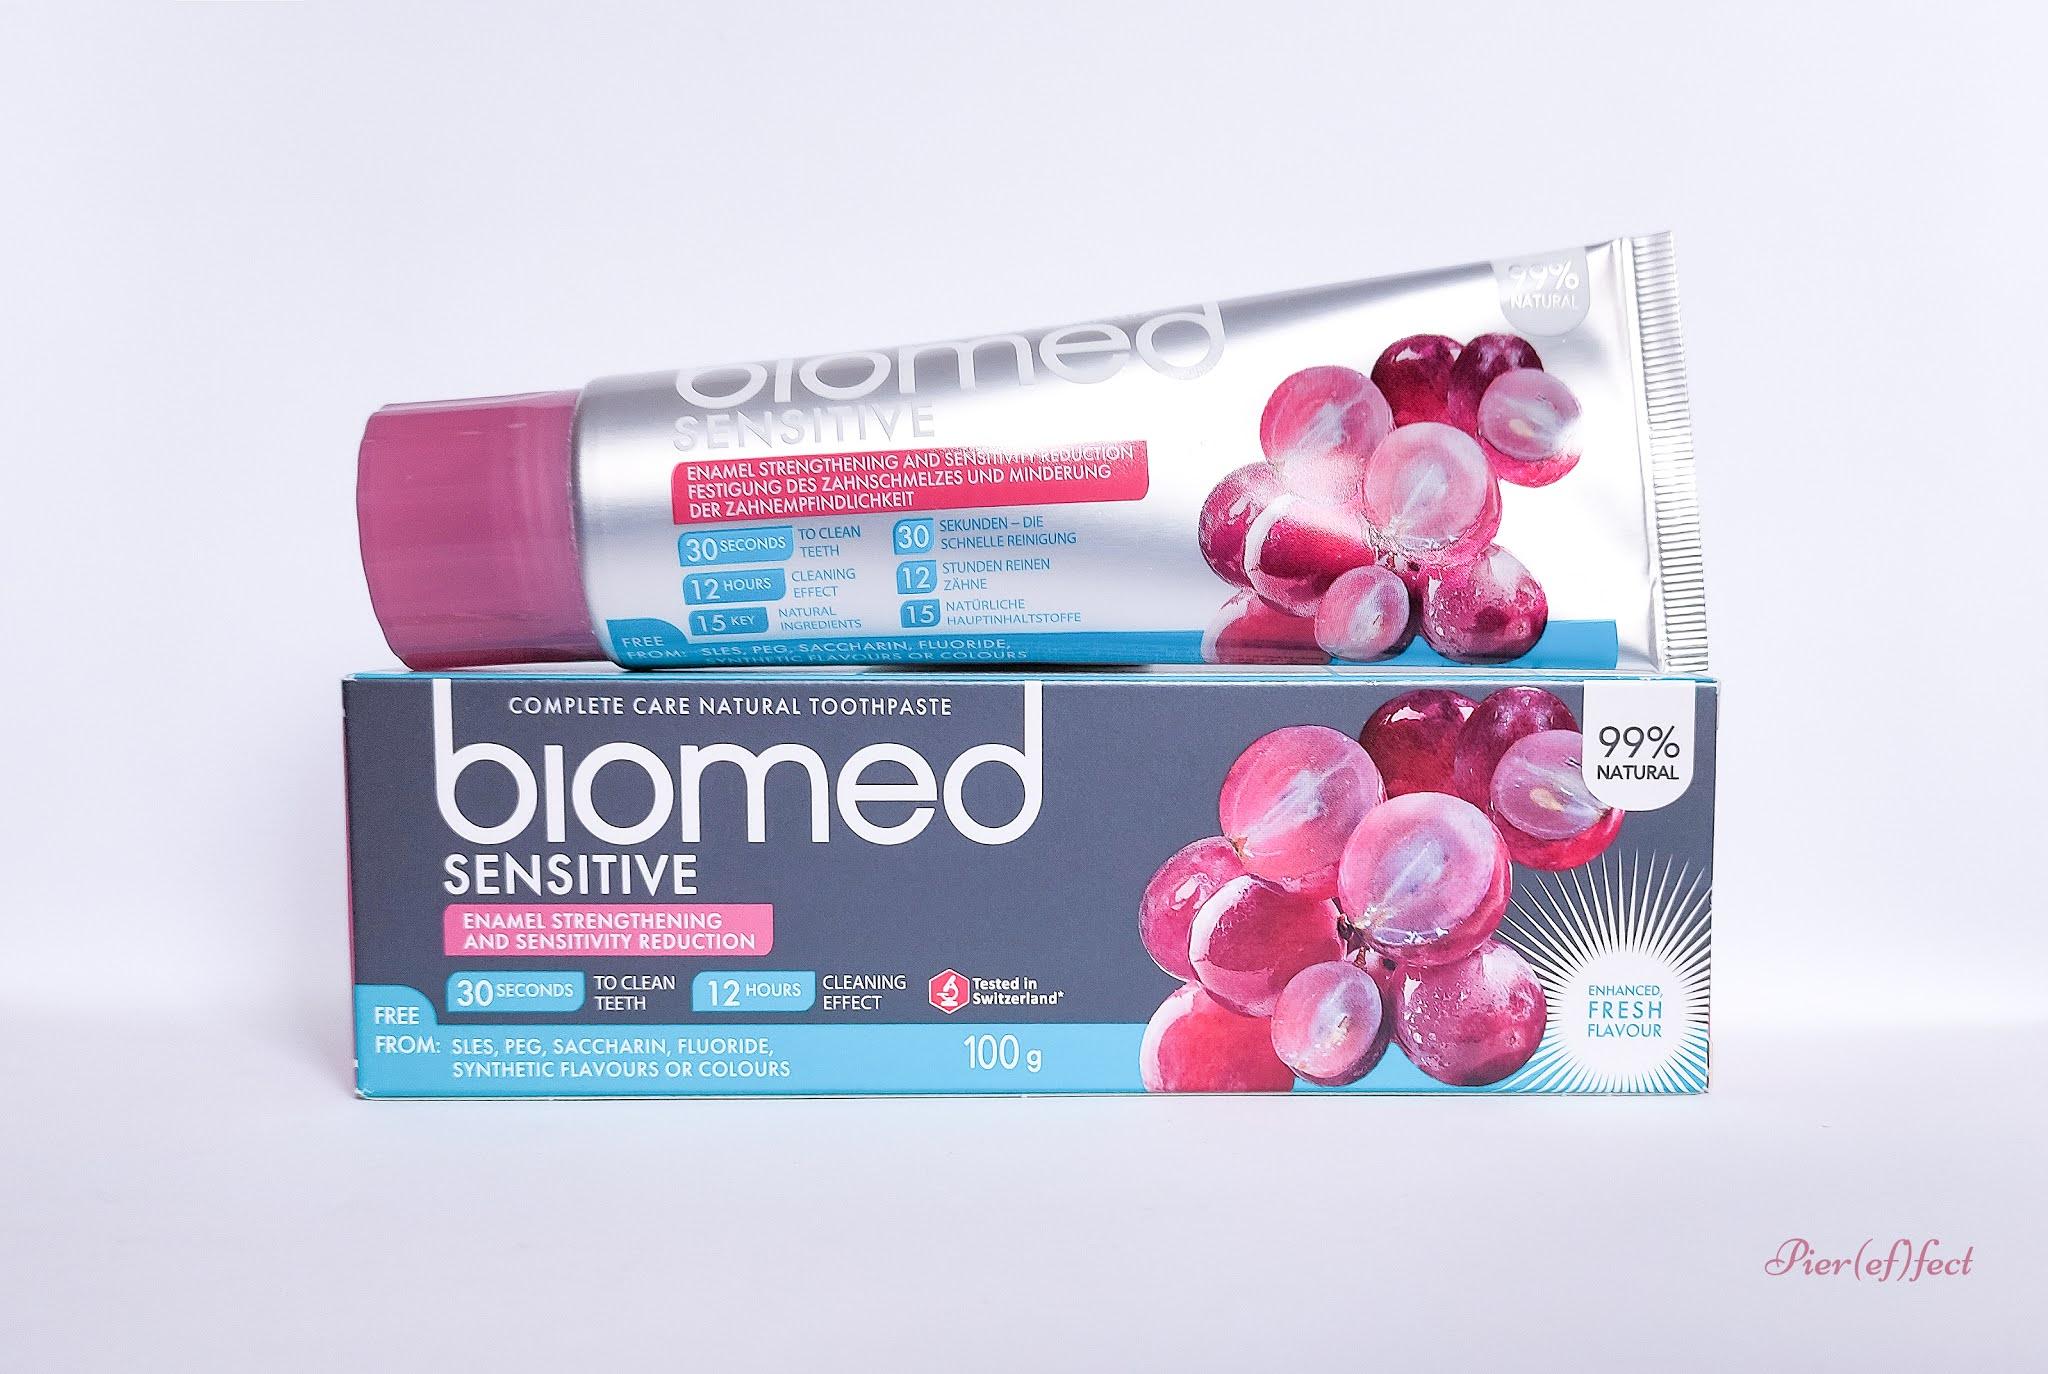 biomed dentifricio recensioni